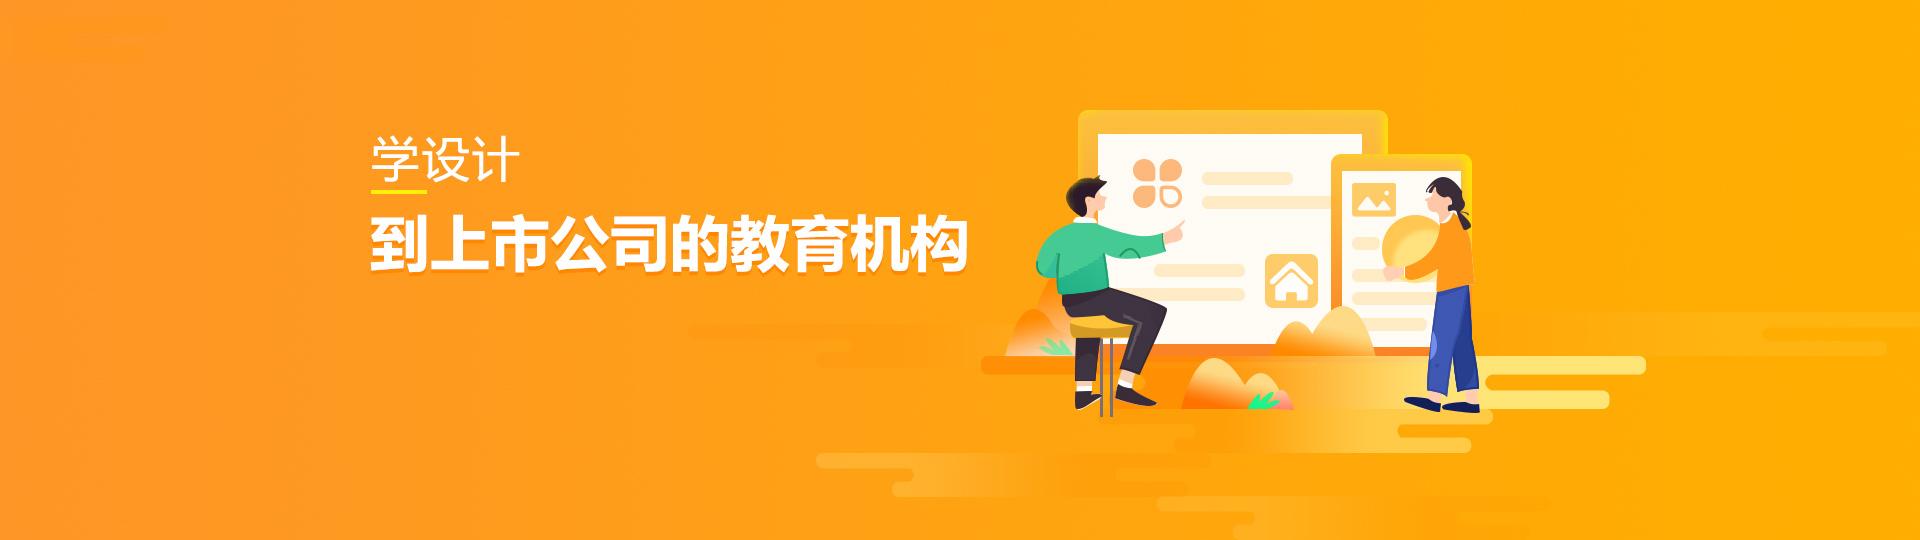 衡阳天琥设计培训学校